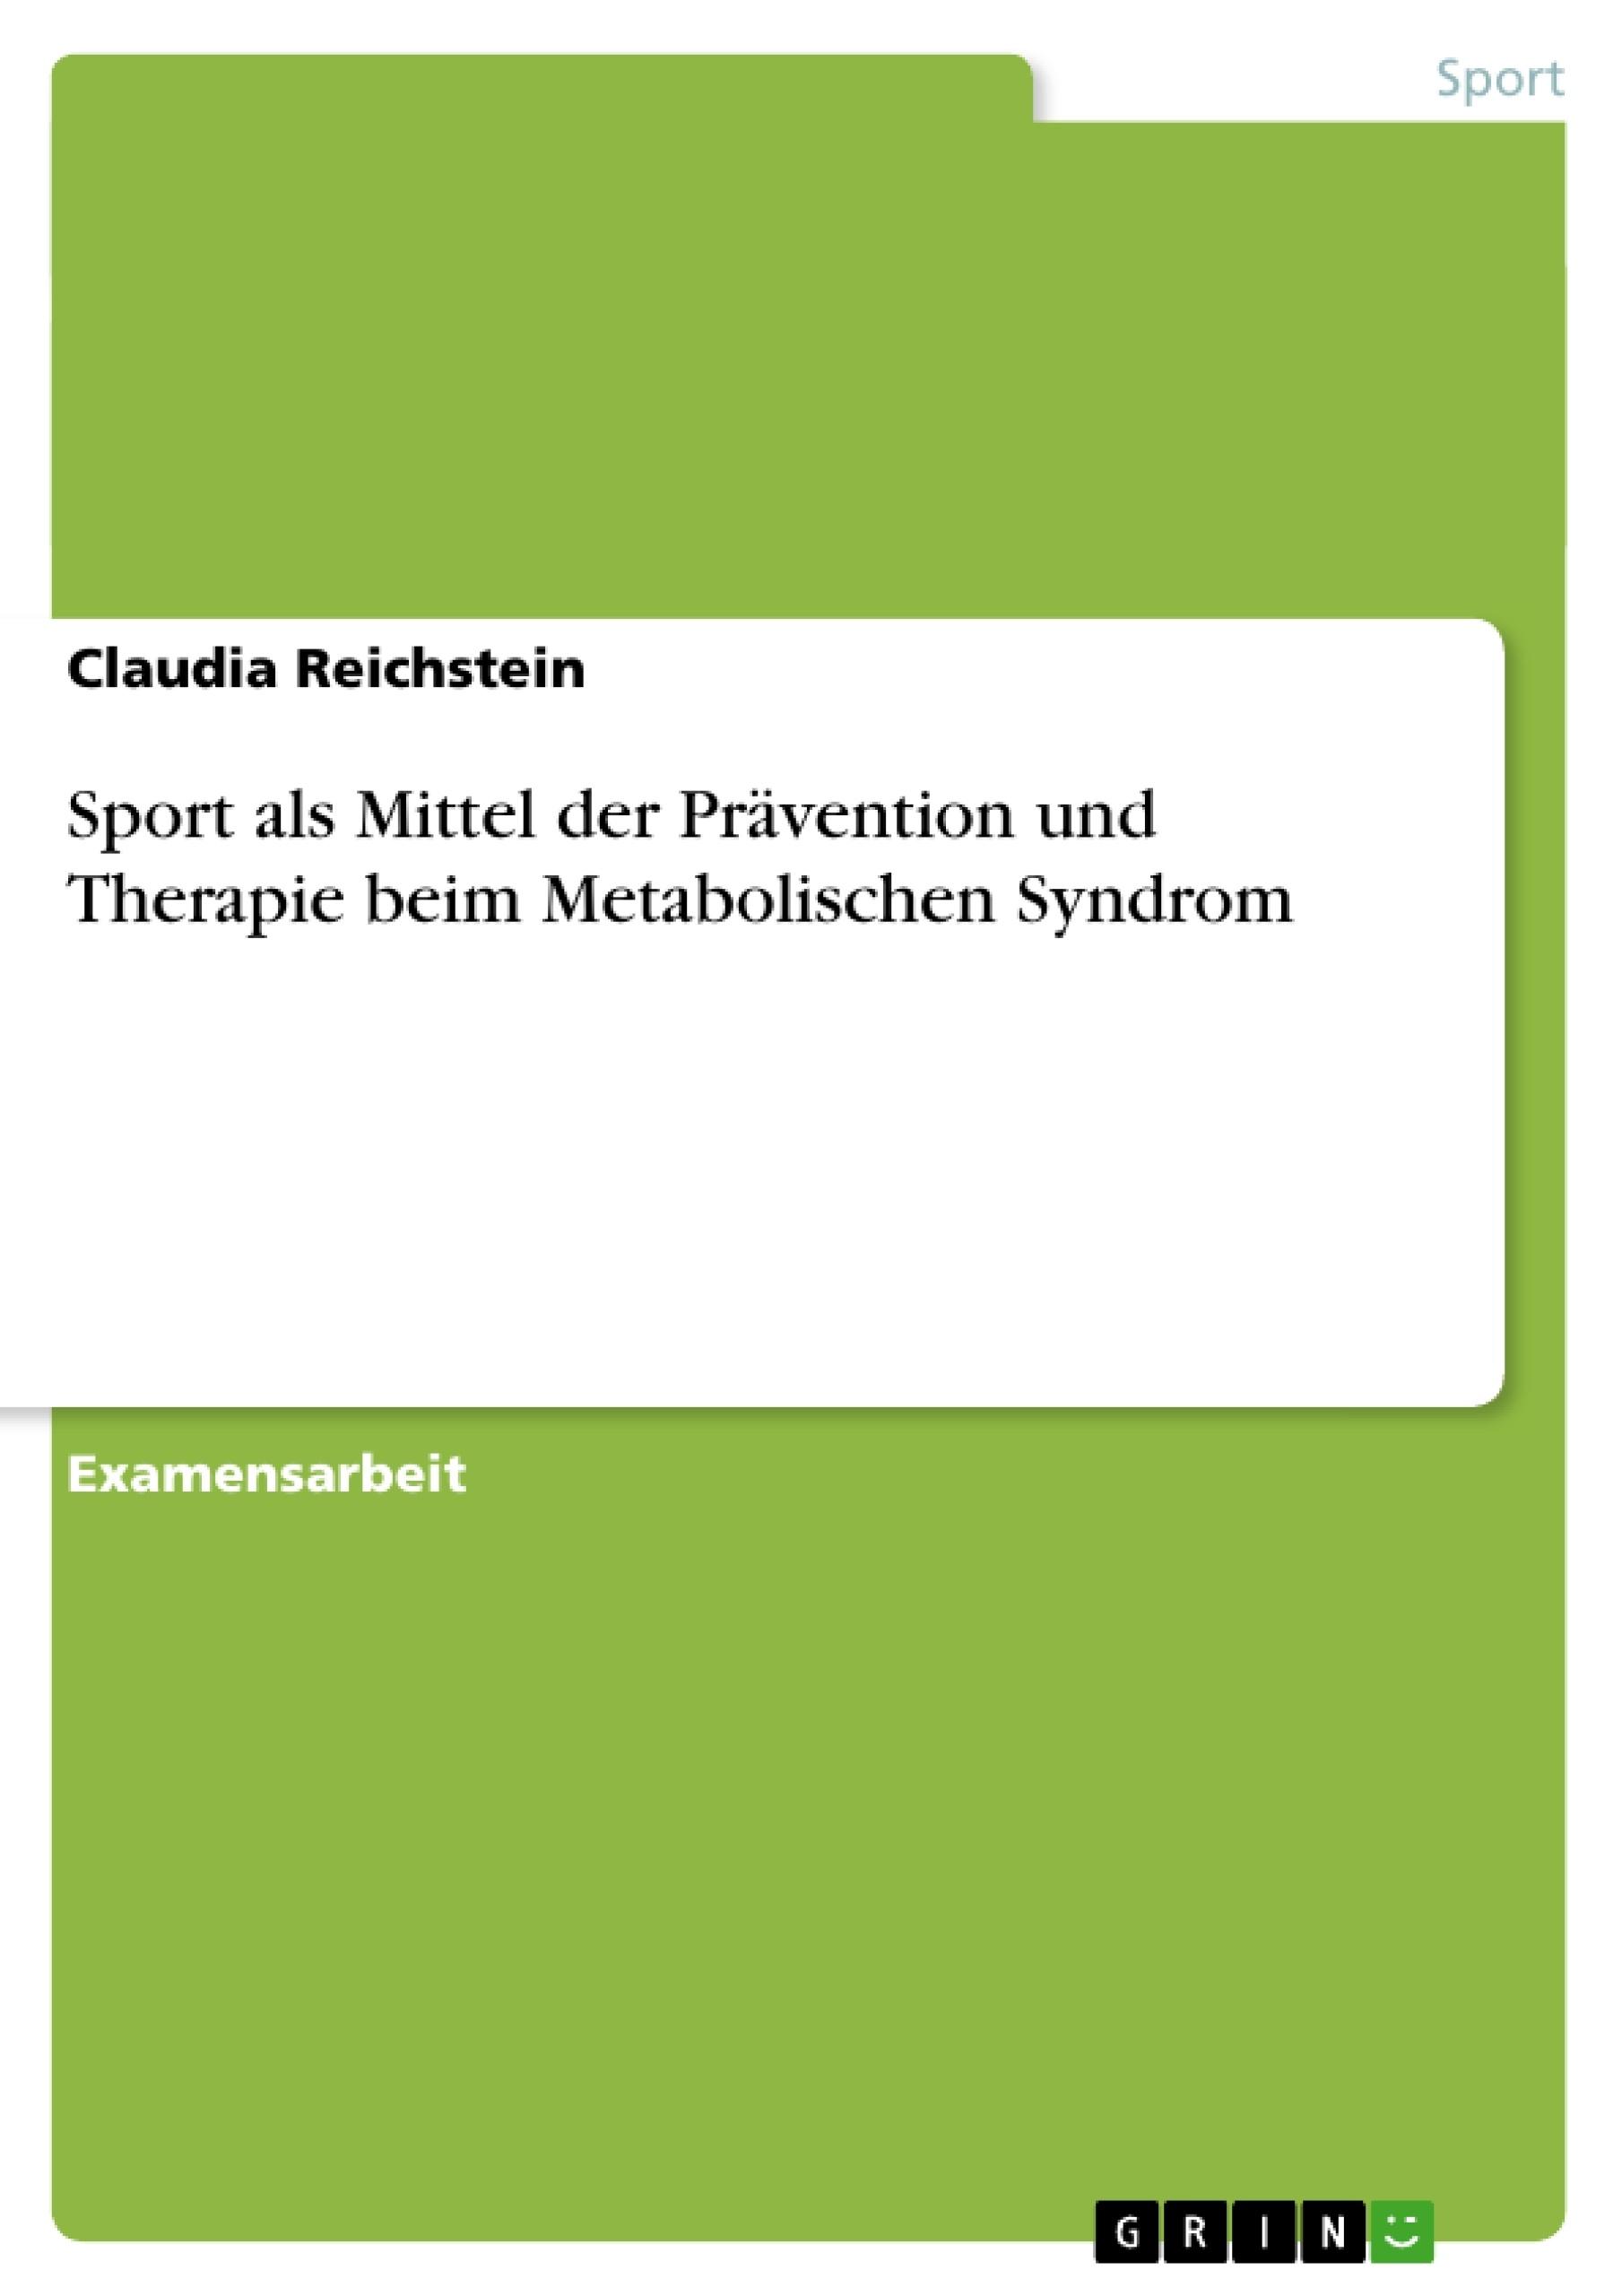 Titel: Sport als Mittel der Prävention und Therapie beim Metabolischen Syndrom